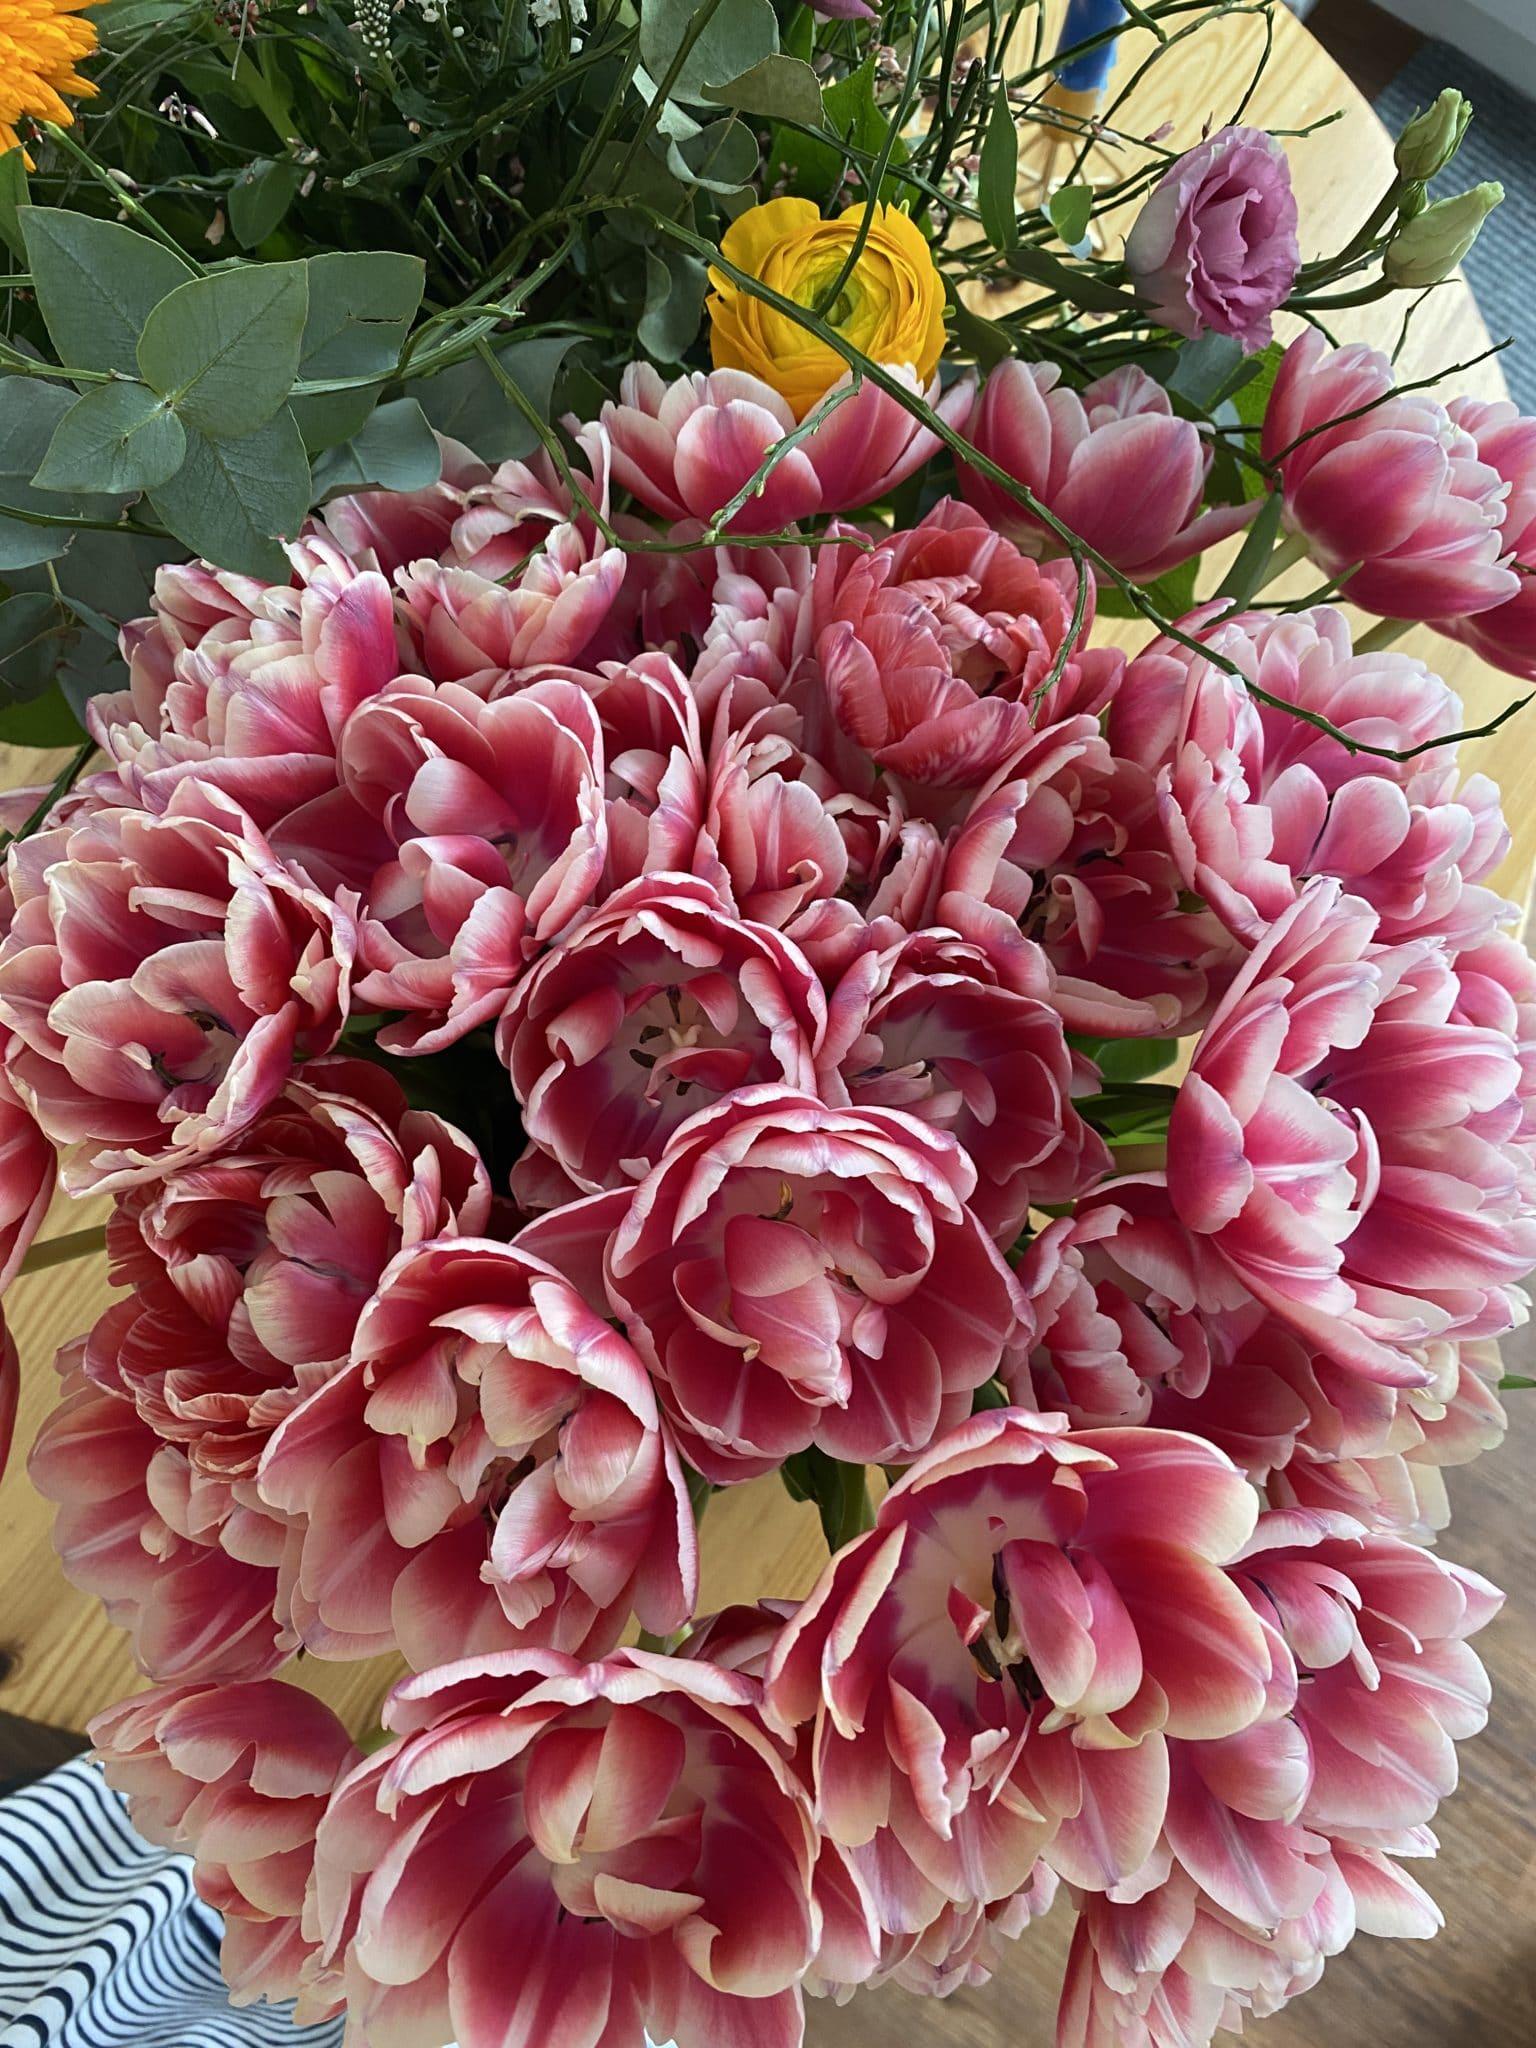 Die Tulpen geben hier nochmal alles. Wunderschön.